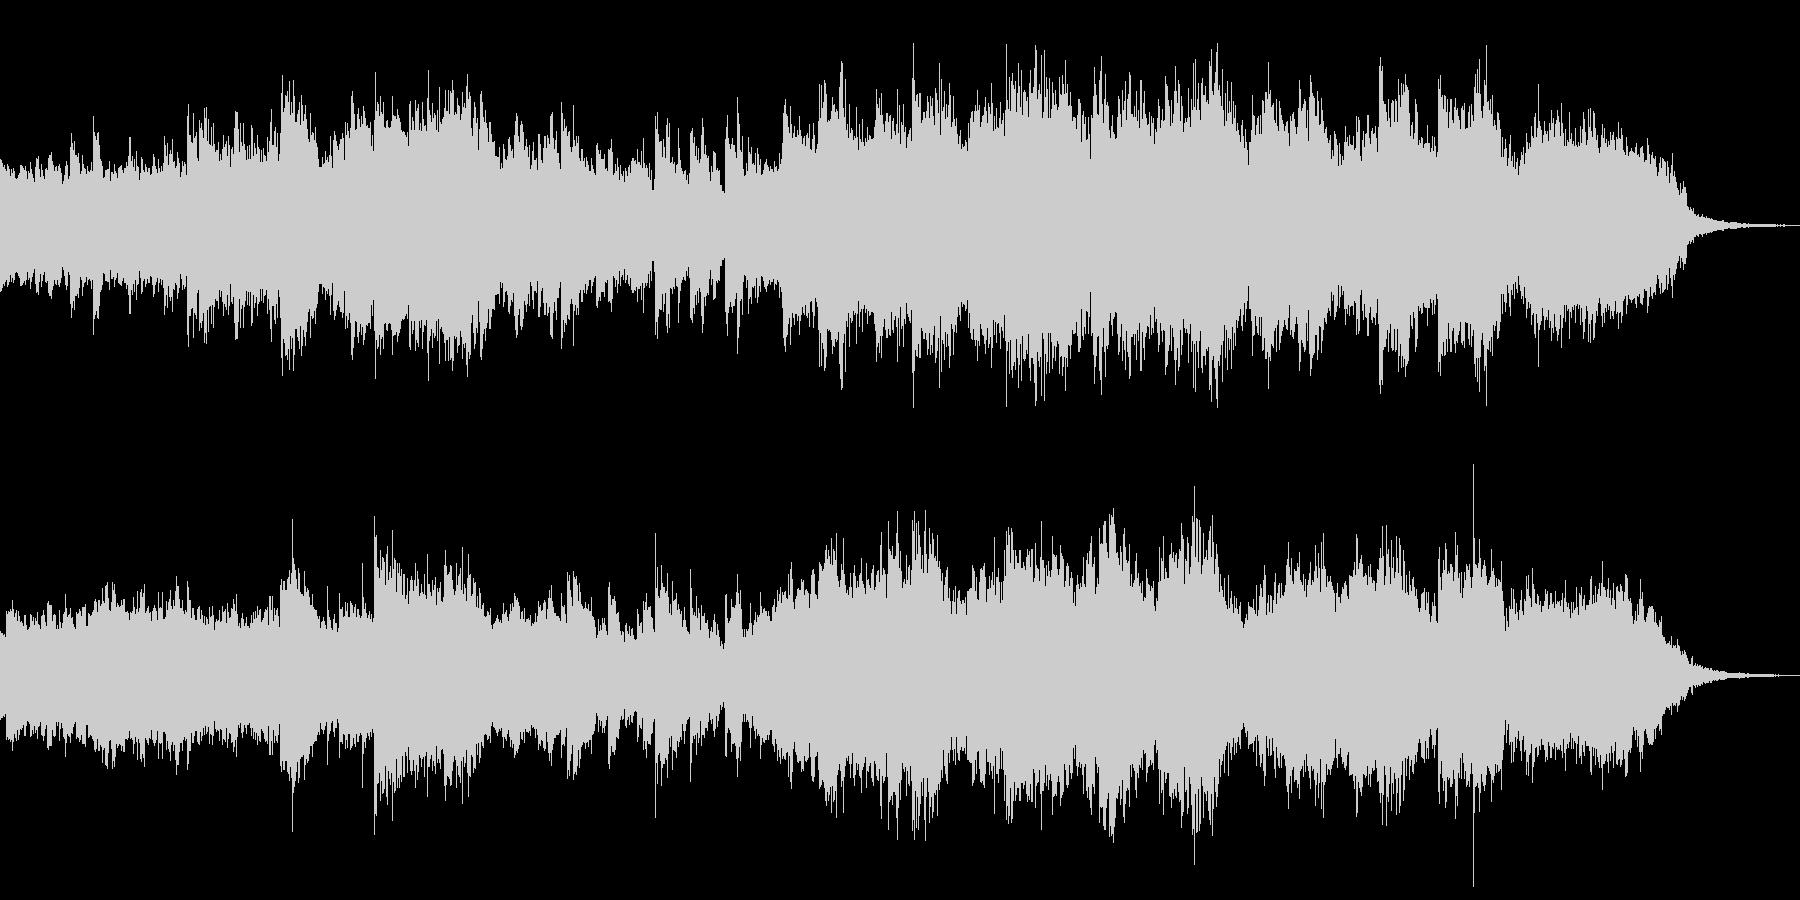 さざ波のピアノと弦楽器 映像 企業VPの未再生の波形